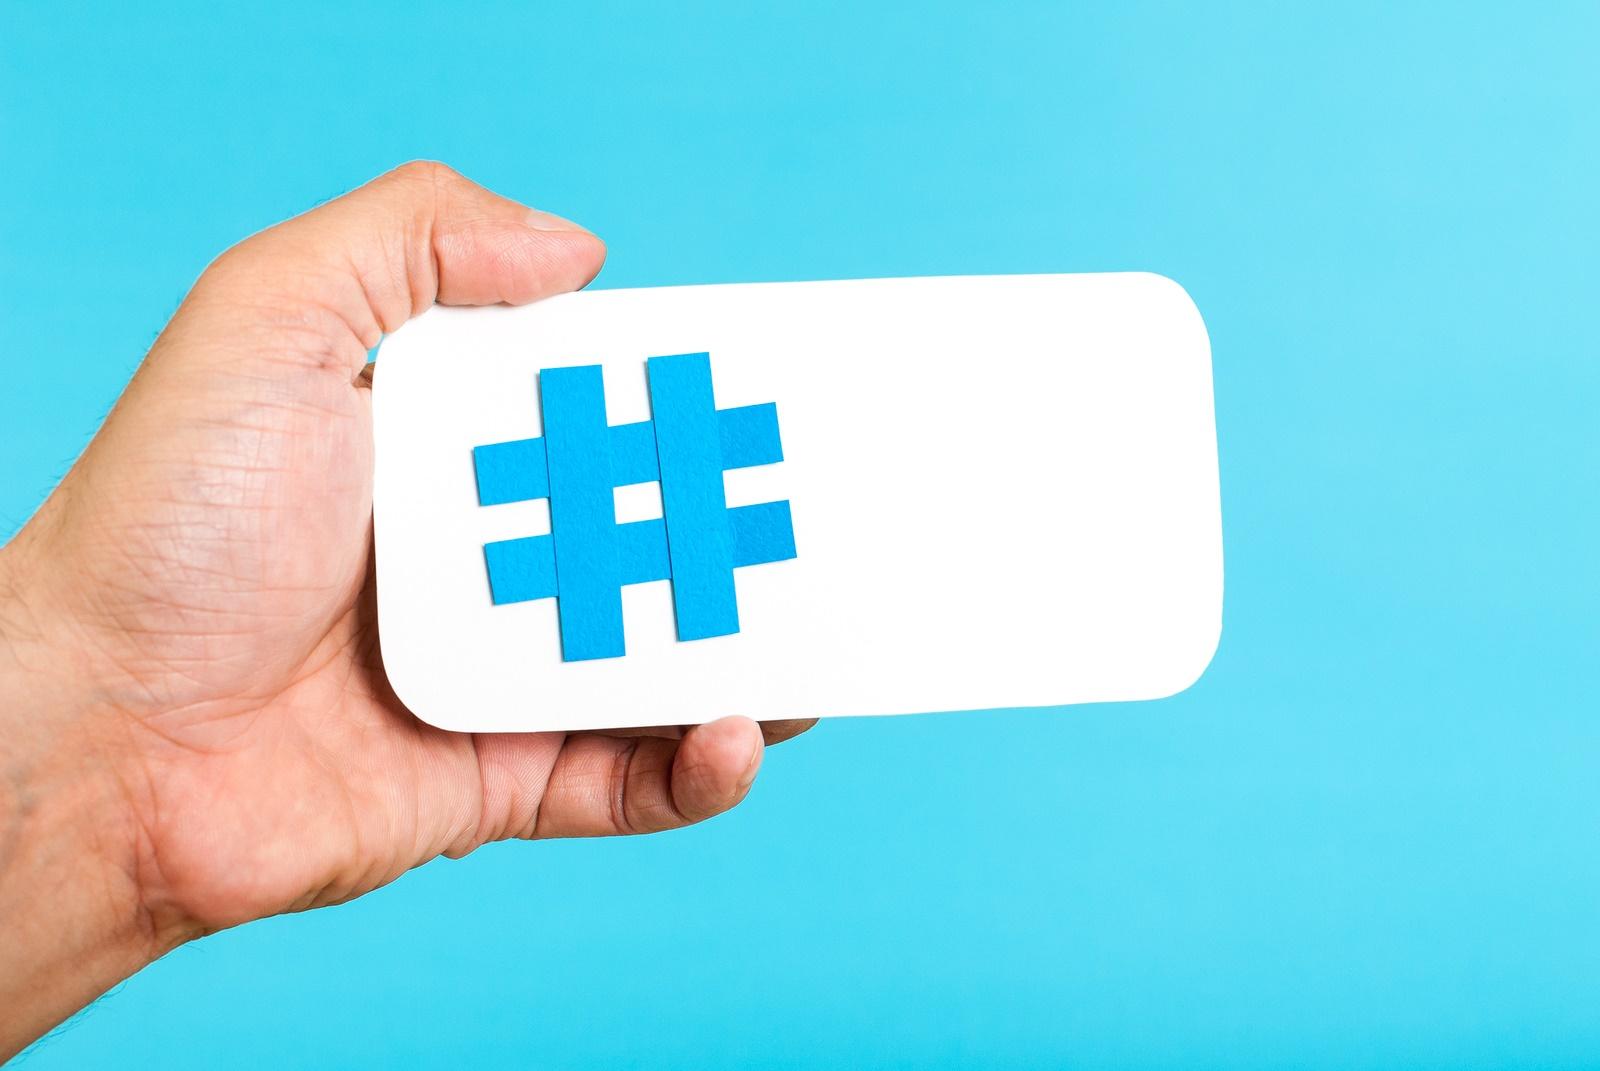 Gli hashtag compiono dieci anni, inventati il 23 Agosto 2007